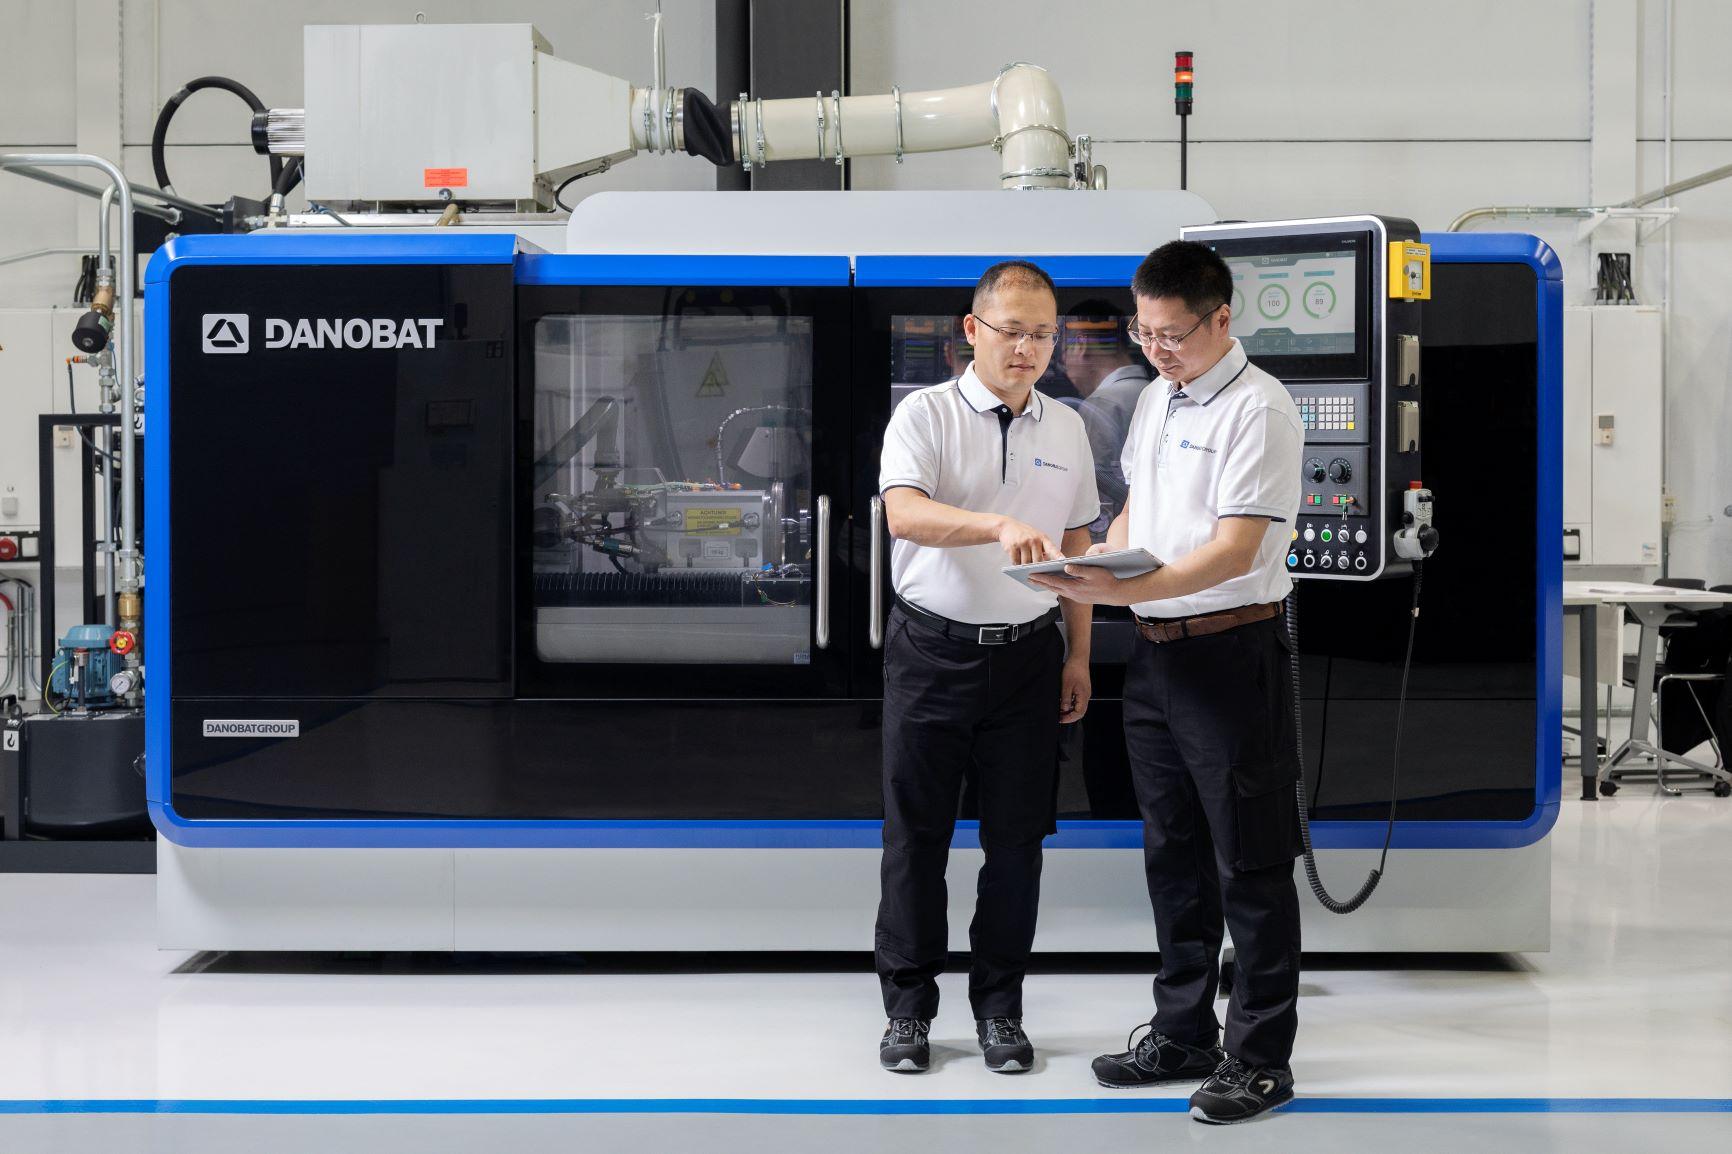 DANOBATGROUP presenta los últimos desarrollos de soluciones de fabricación avanzadas de DANOBAT y SORALUCE en la feria CIMT 2019 en Pekín